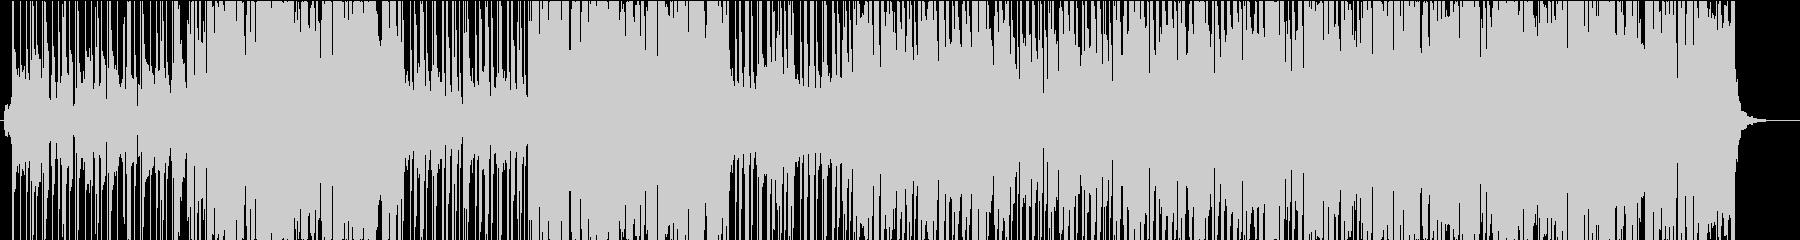 アコーディオンの暖かい雰囲気のBGMの未再生の波形